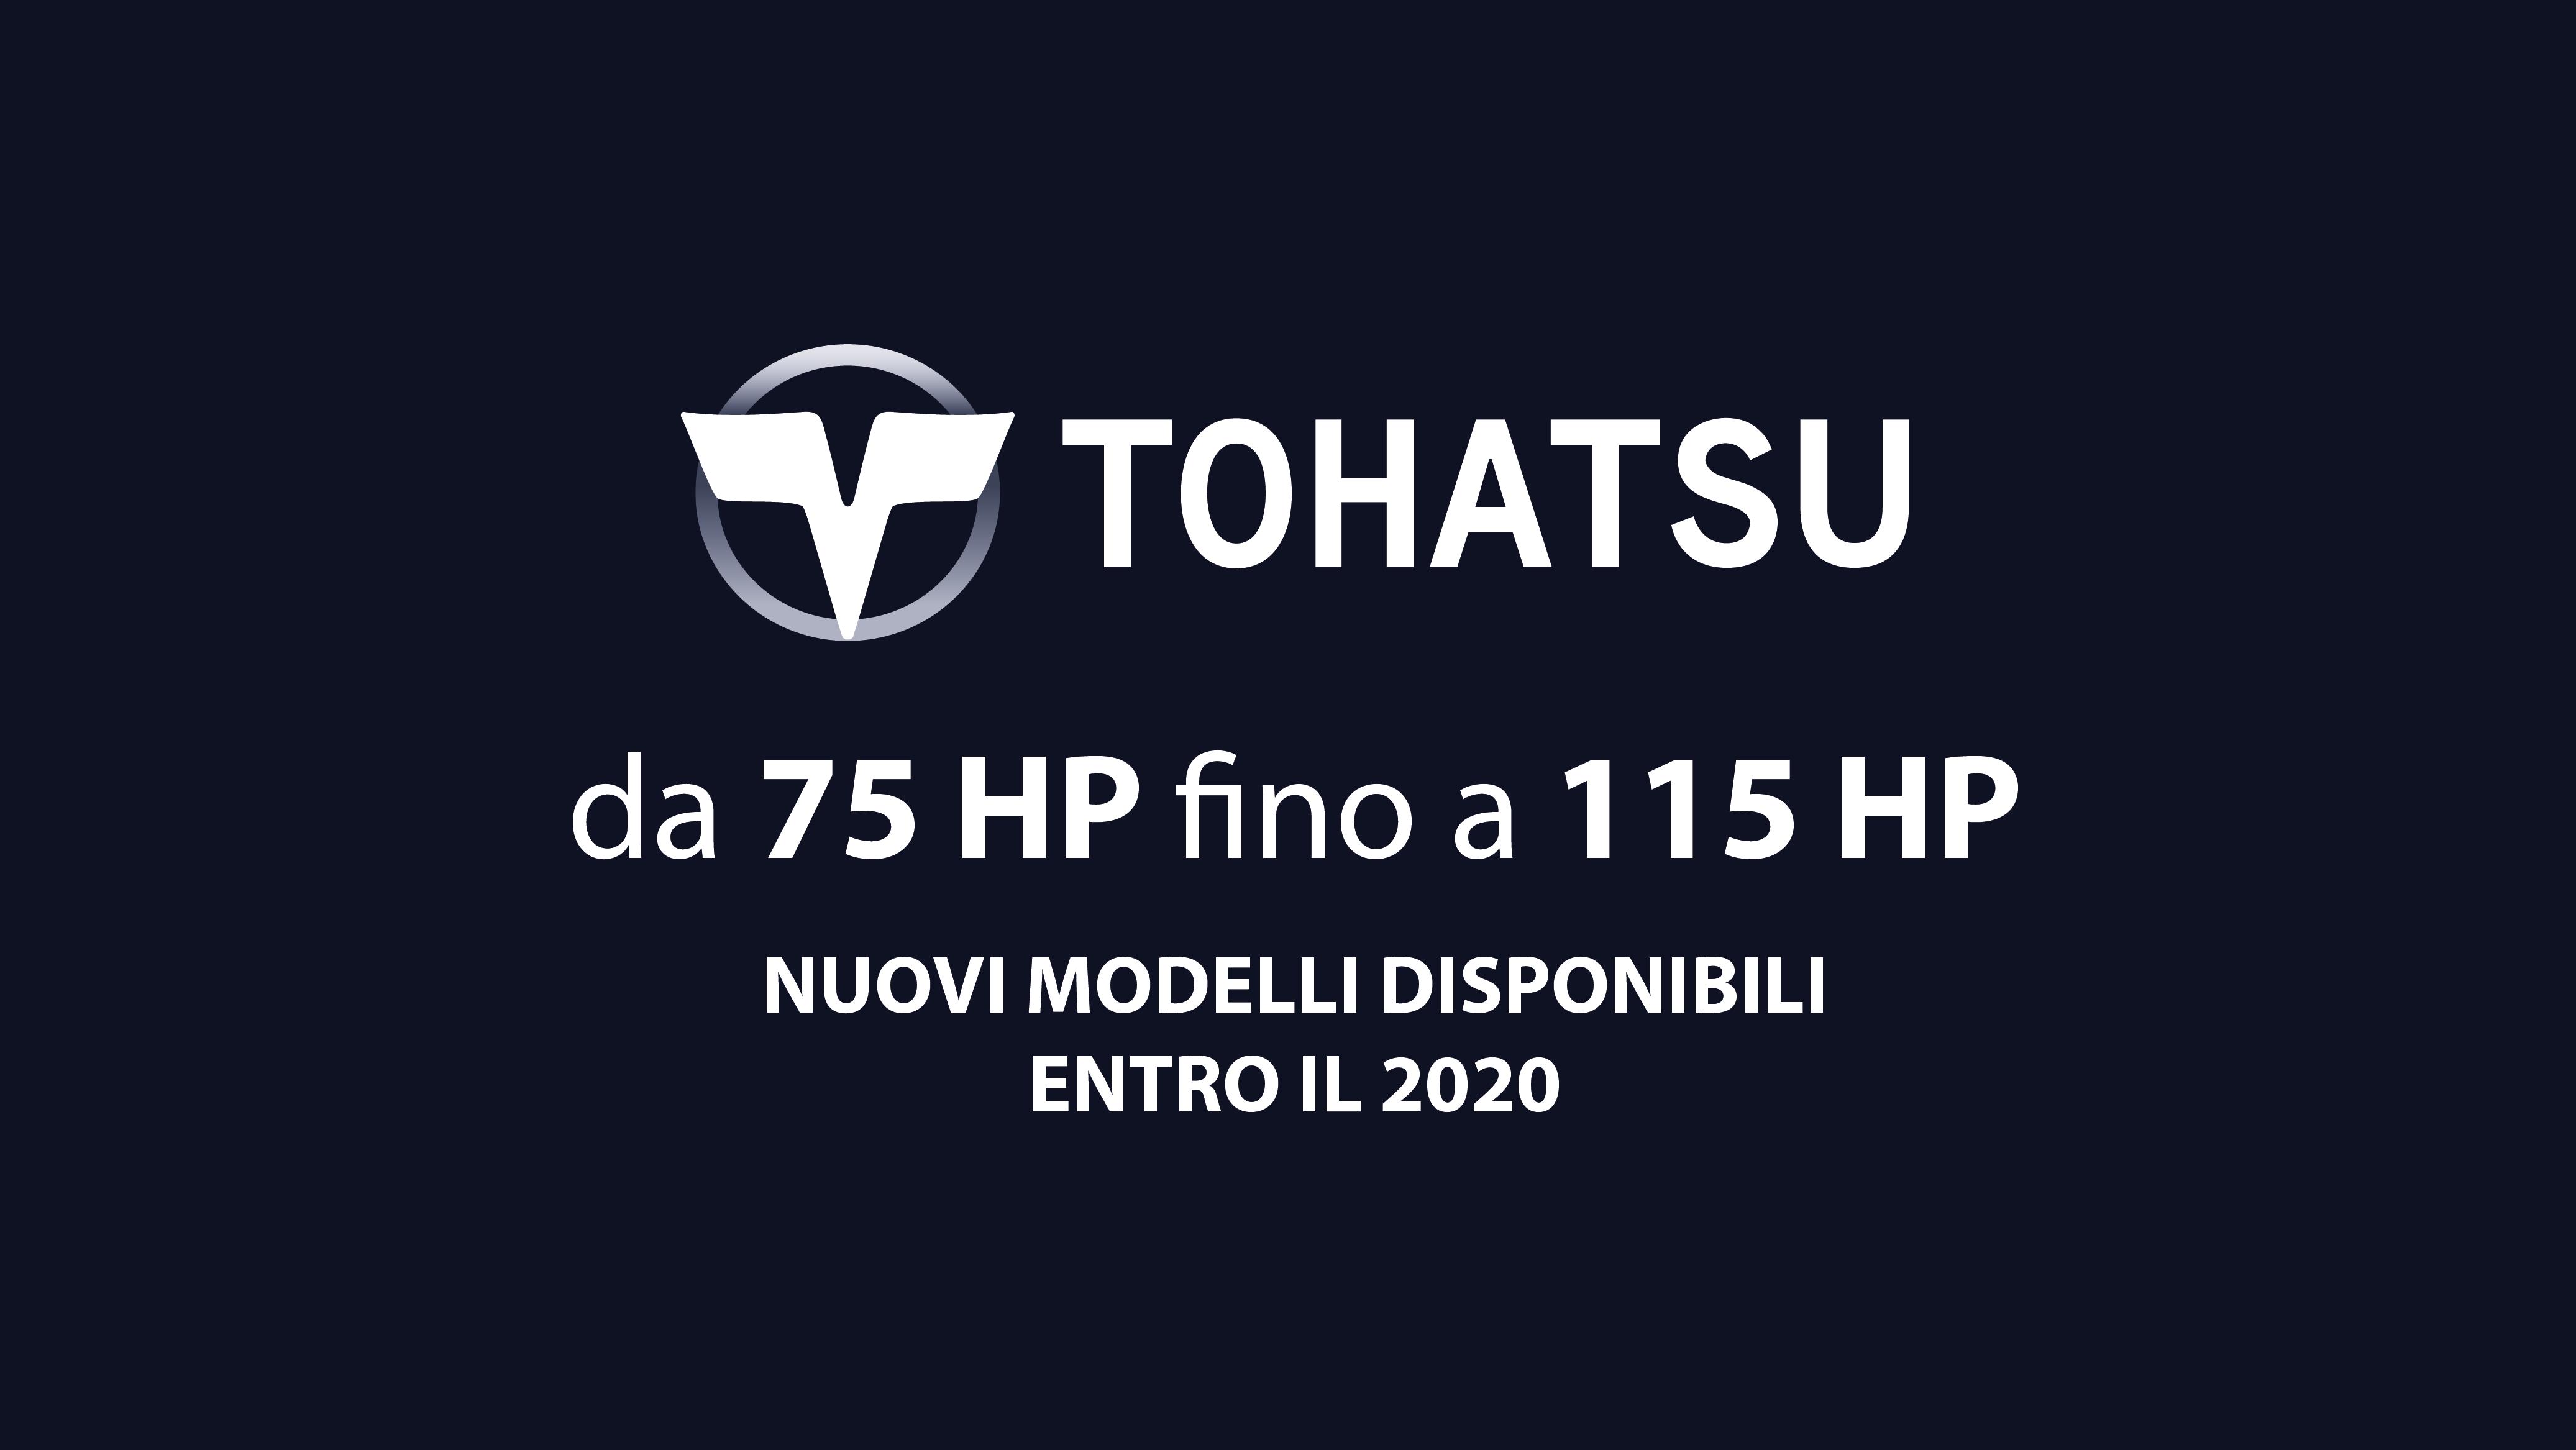 Nuovi Modelli Tohatsu